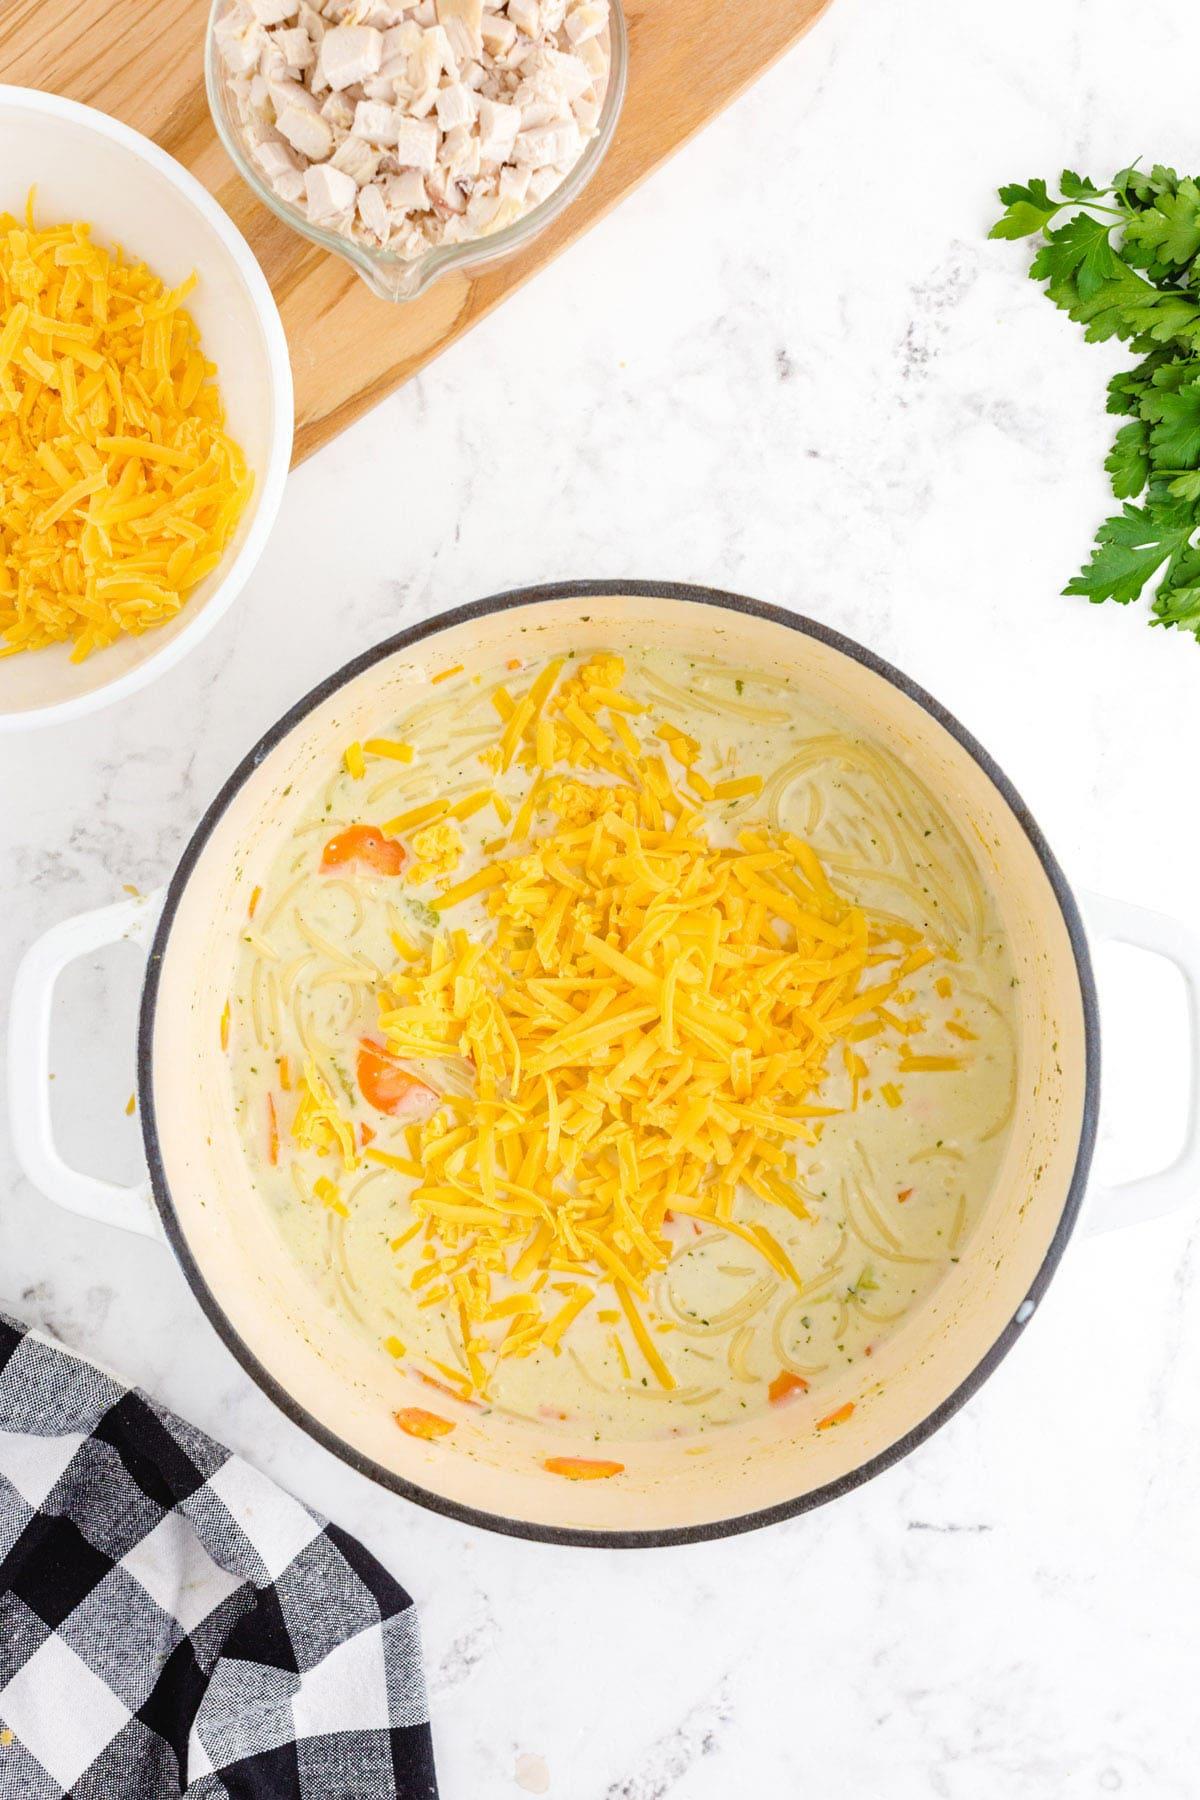 add cheddar cheese